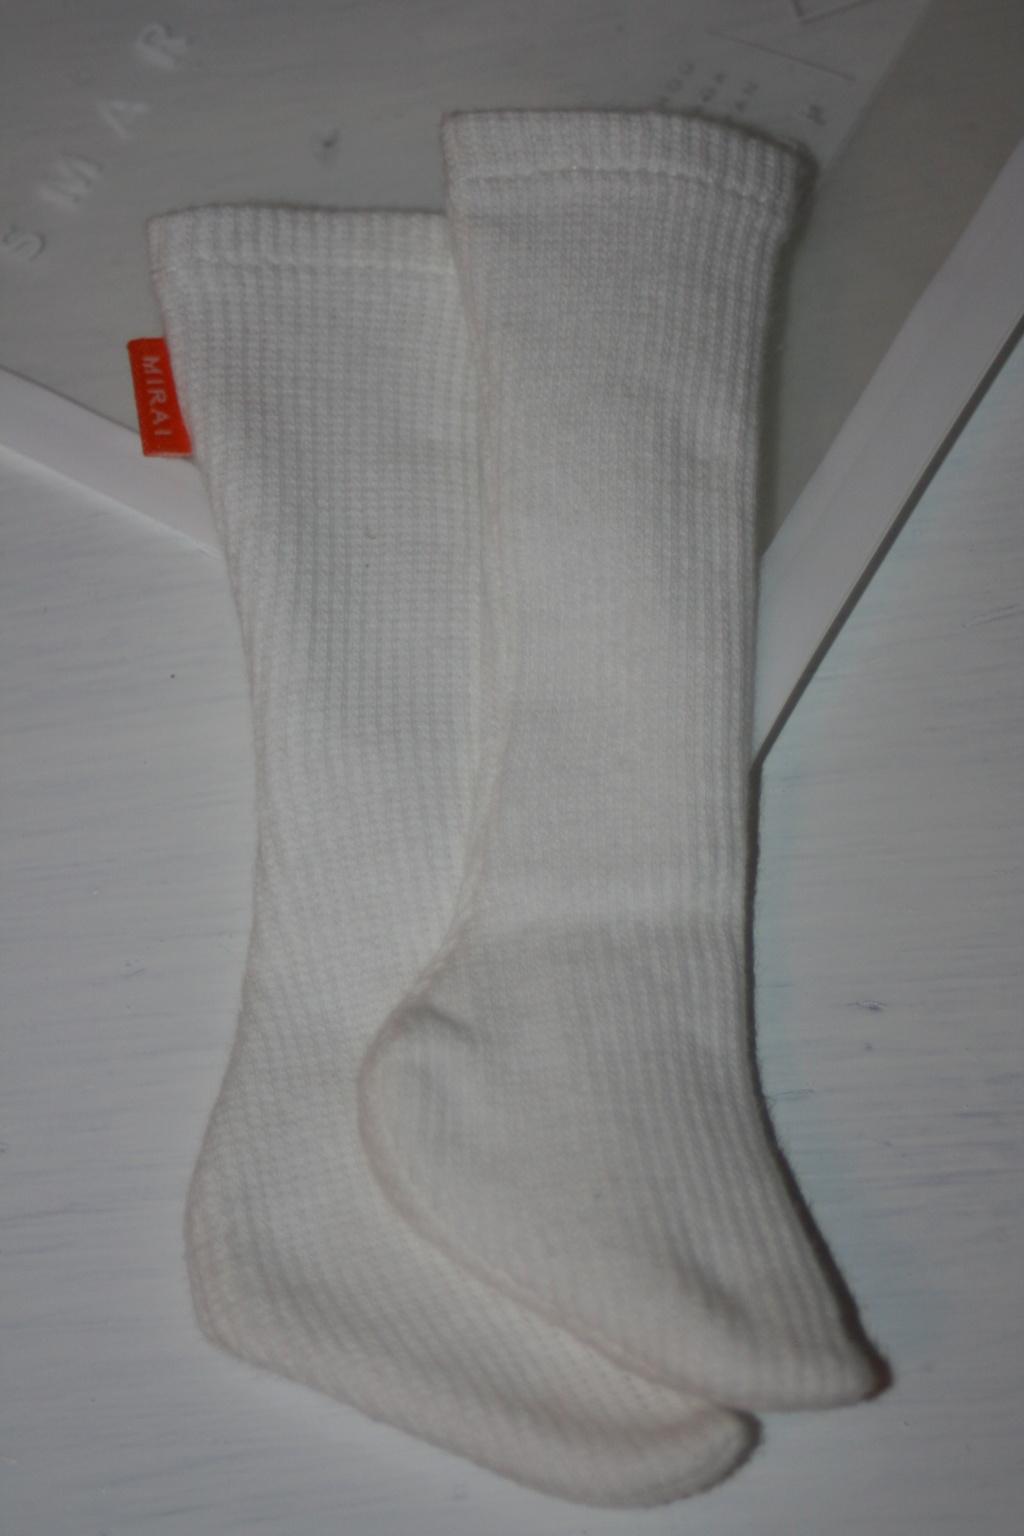 prix en baisse  chaussettes smart doll officiel  00712